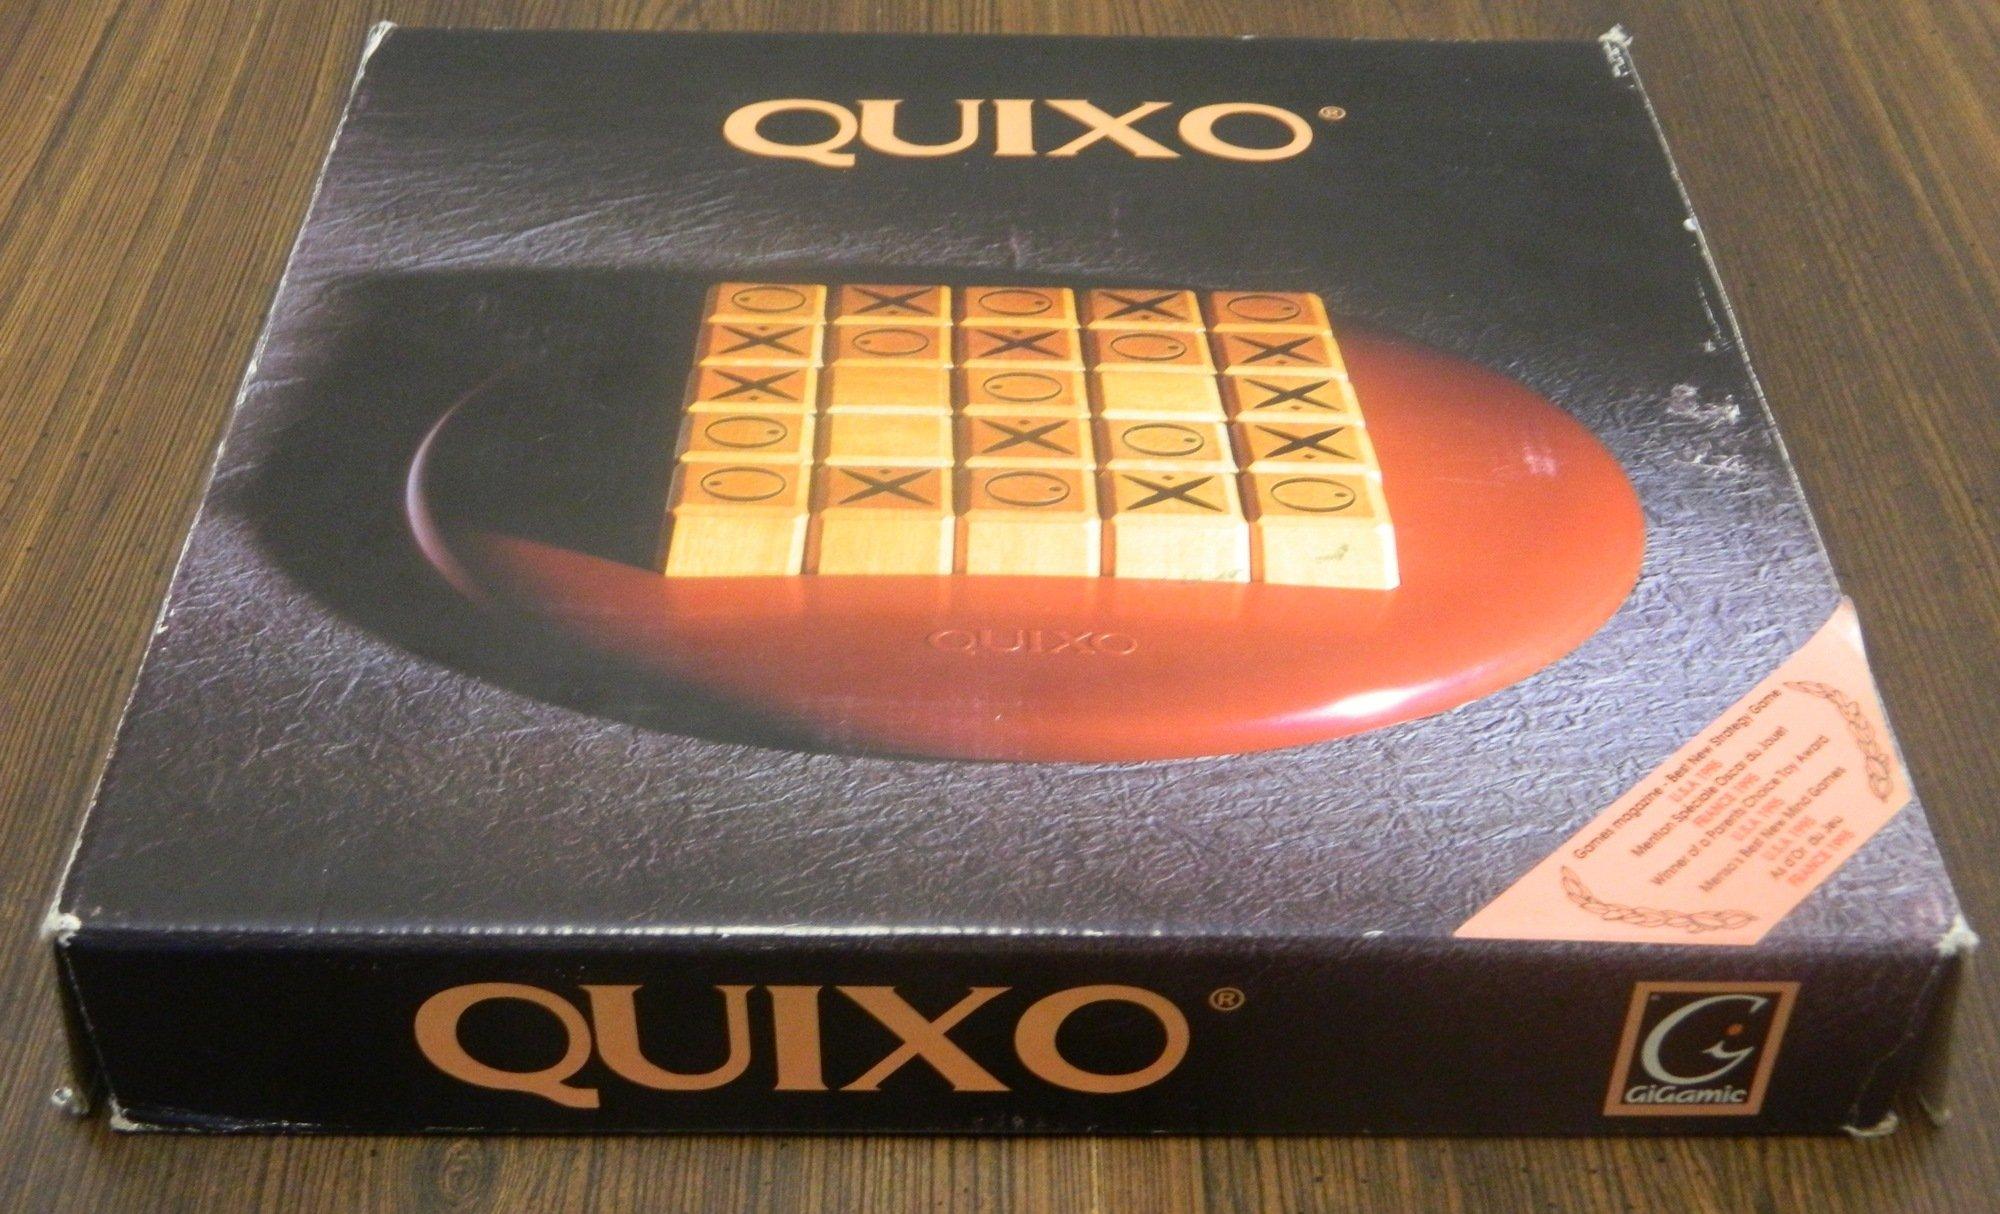 Quixo Box